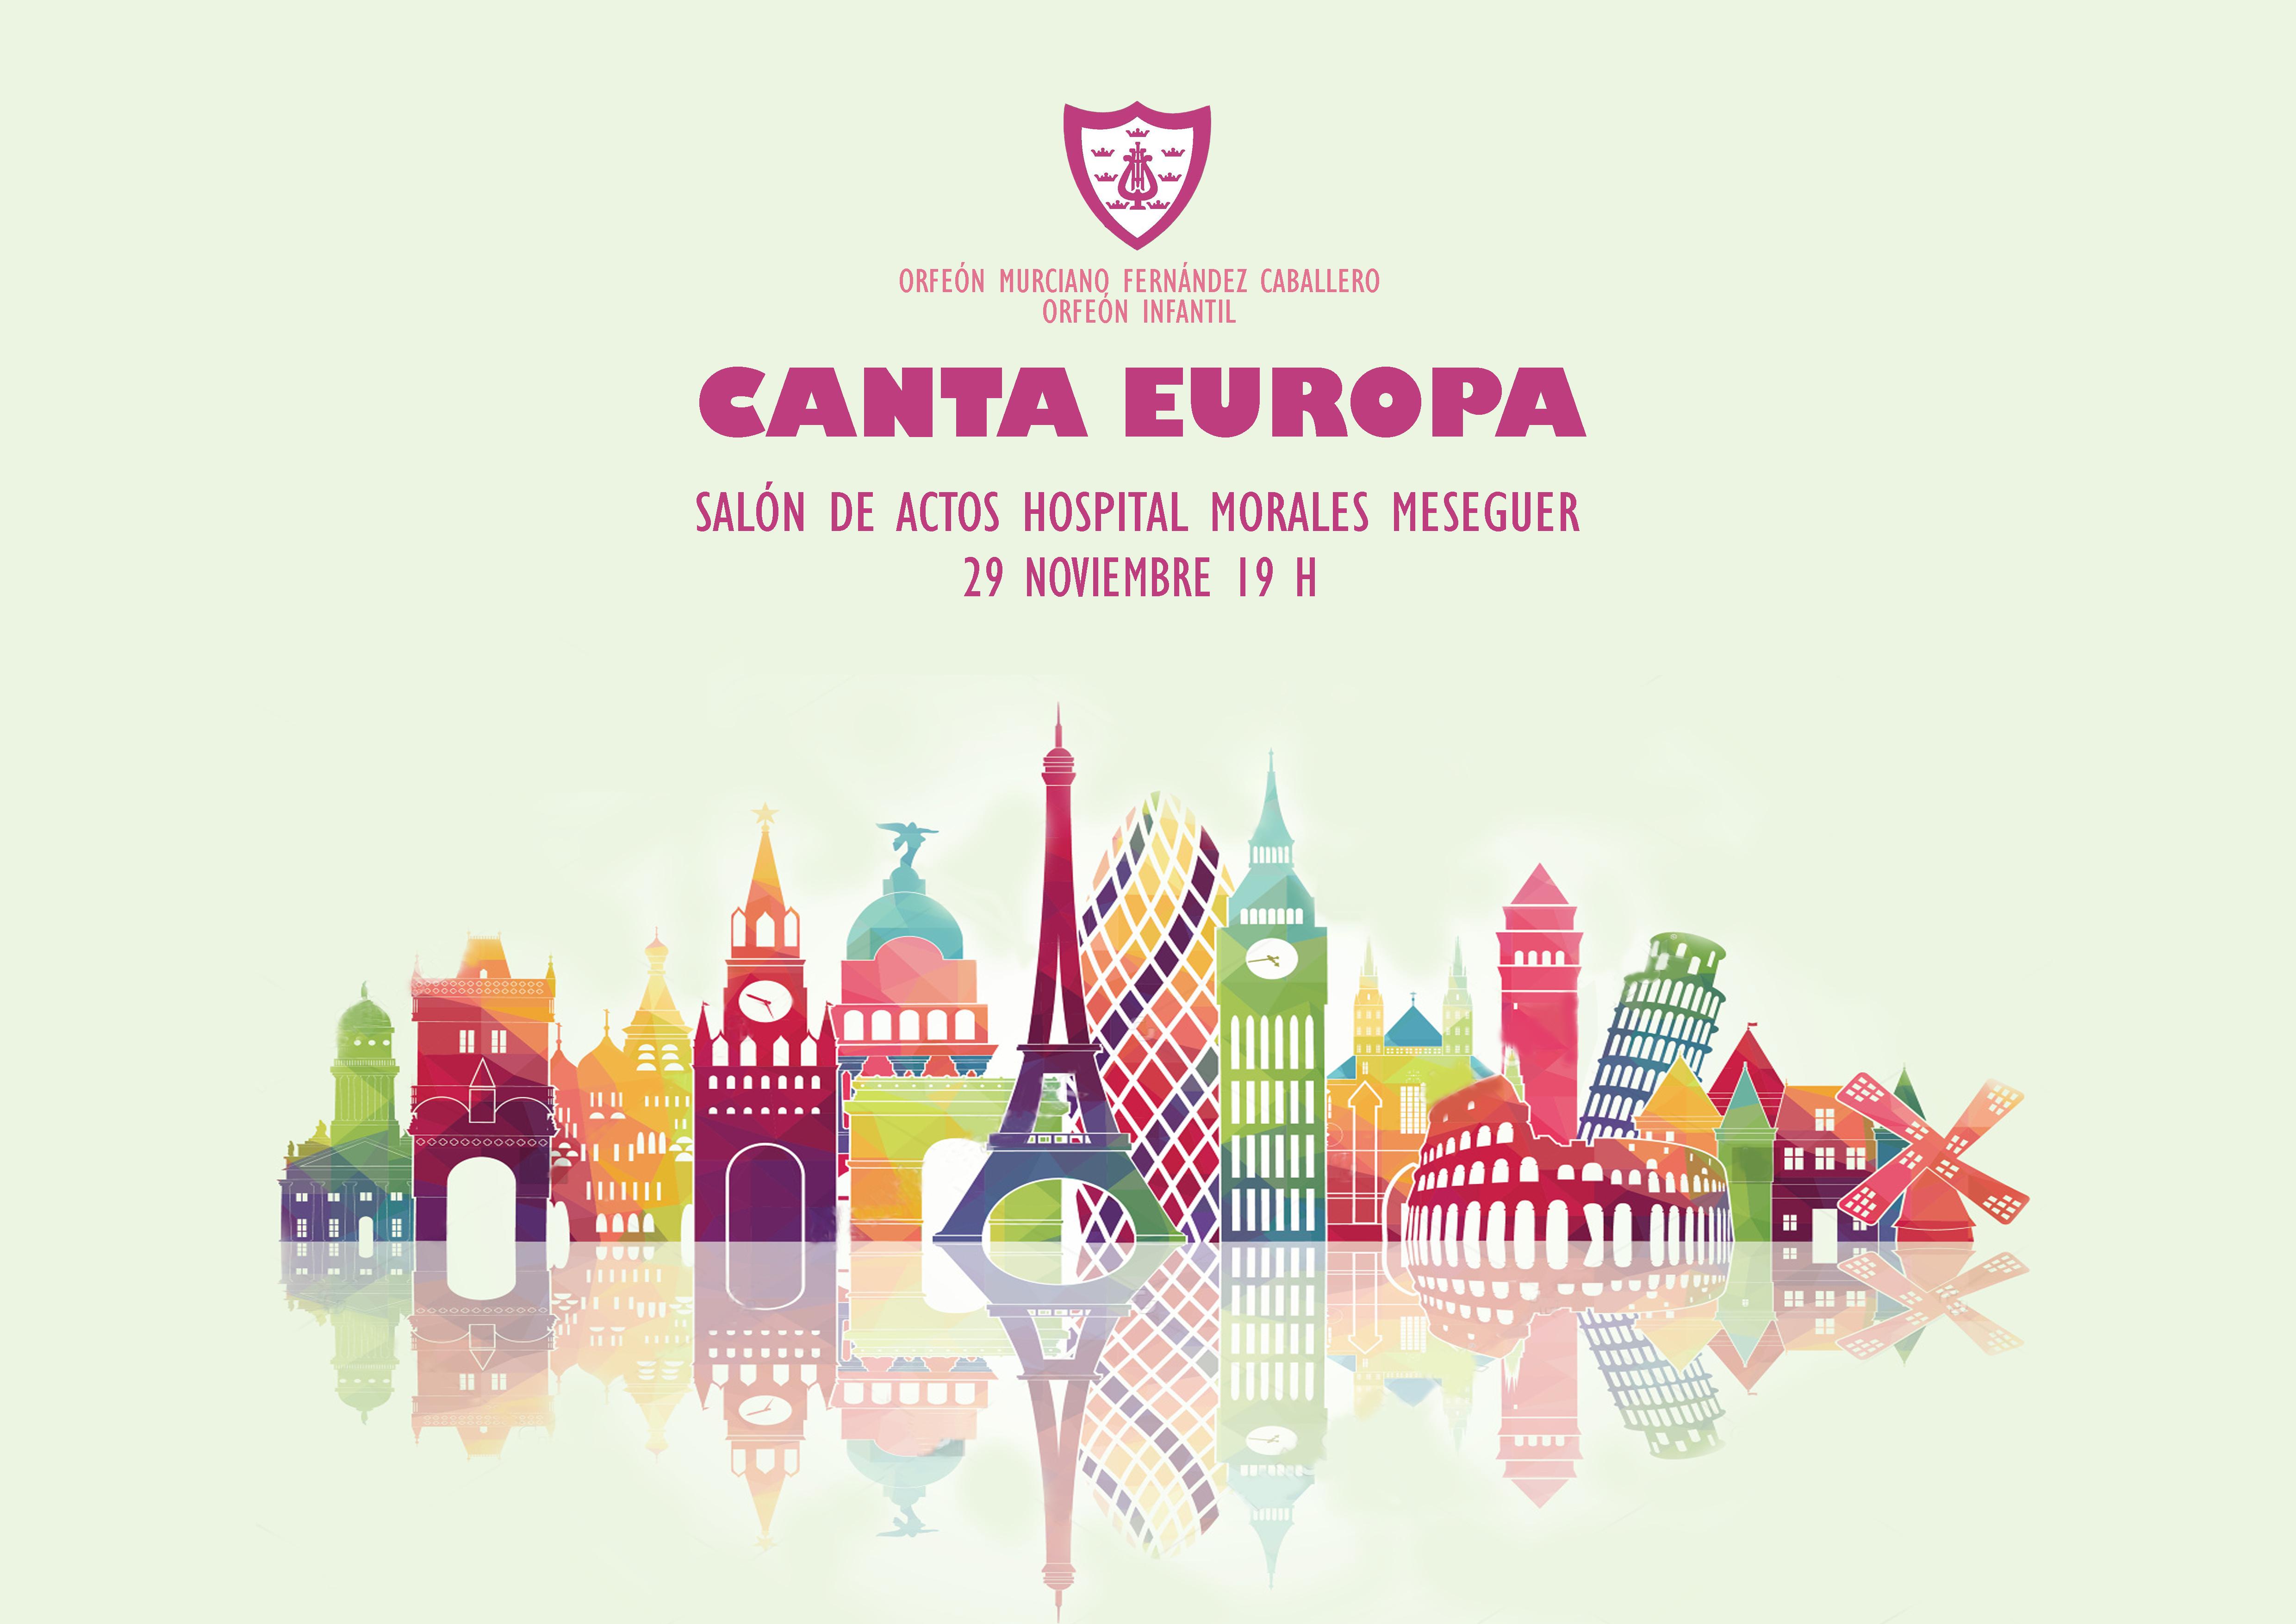 canto-europa-19